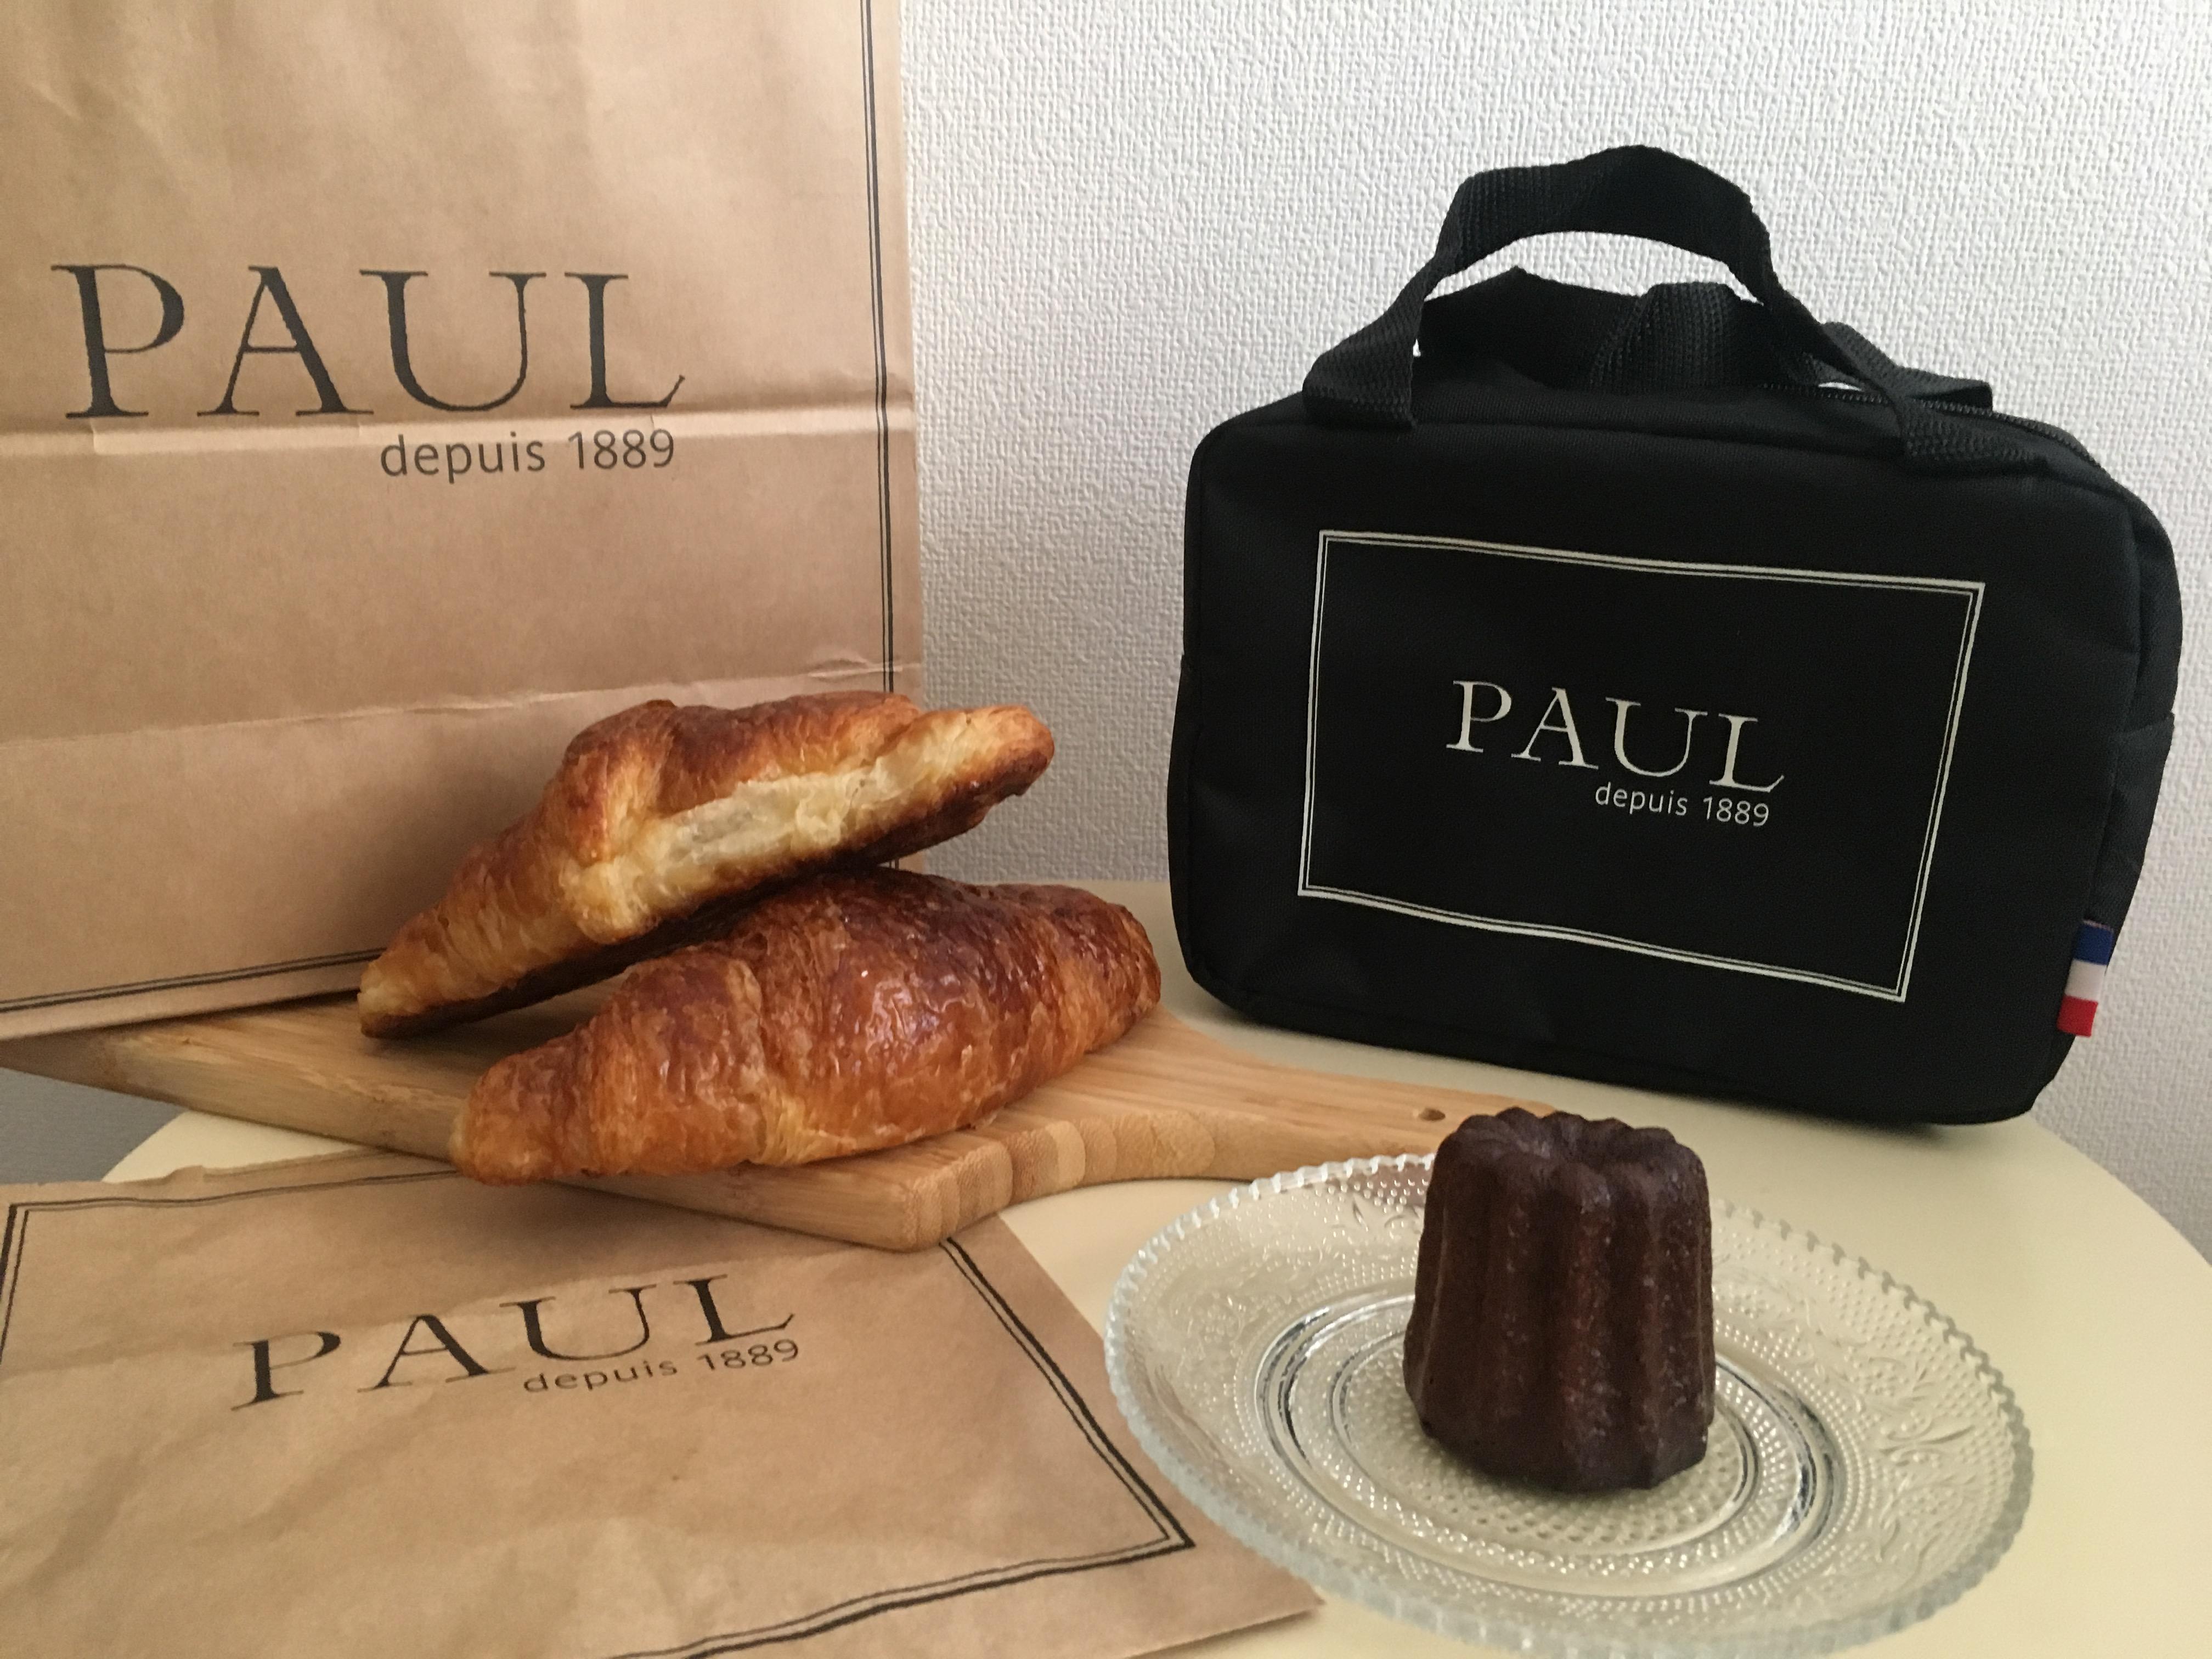 MORE付録保冷バッグか話題『PAUL(ポール)』のパン、オススメ3選❤︎_3